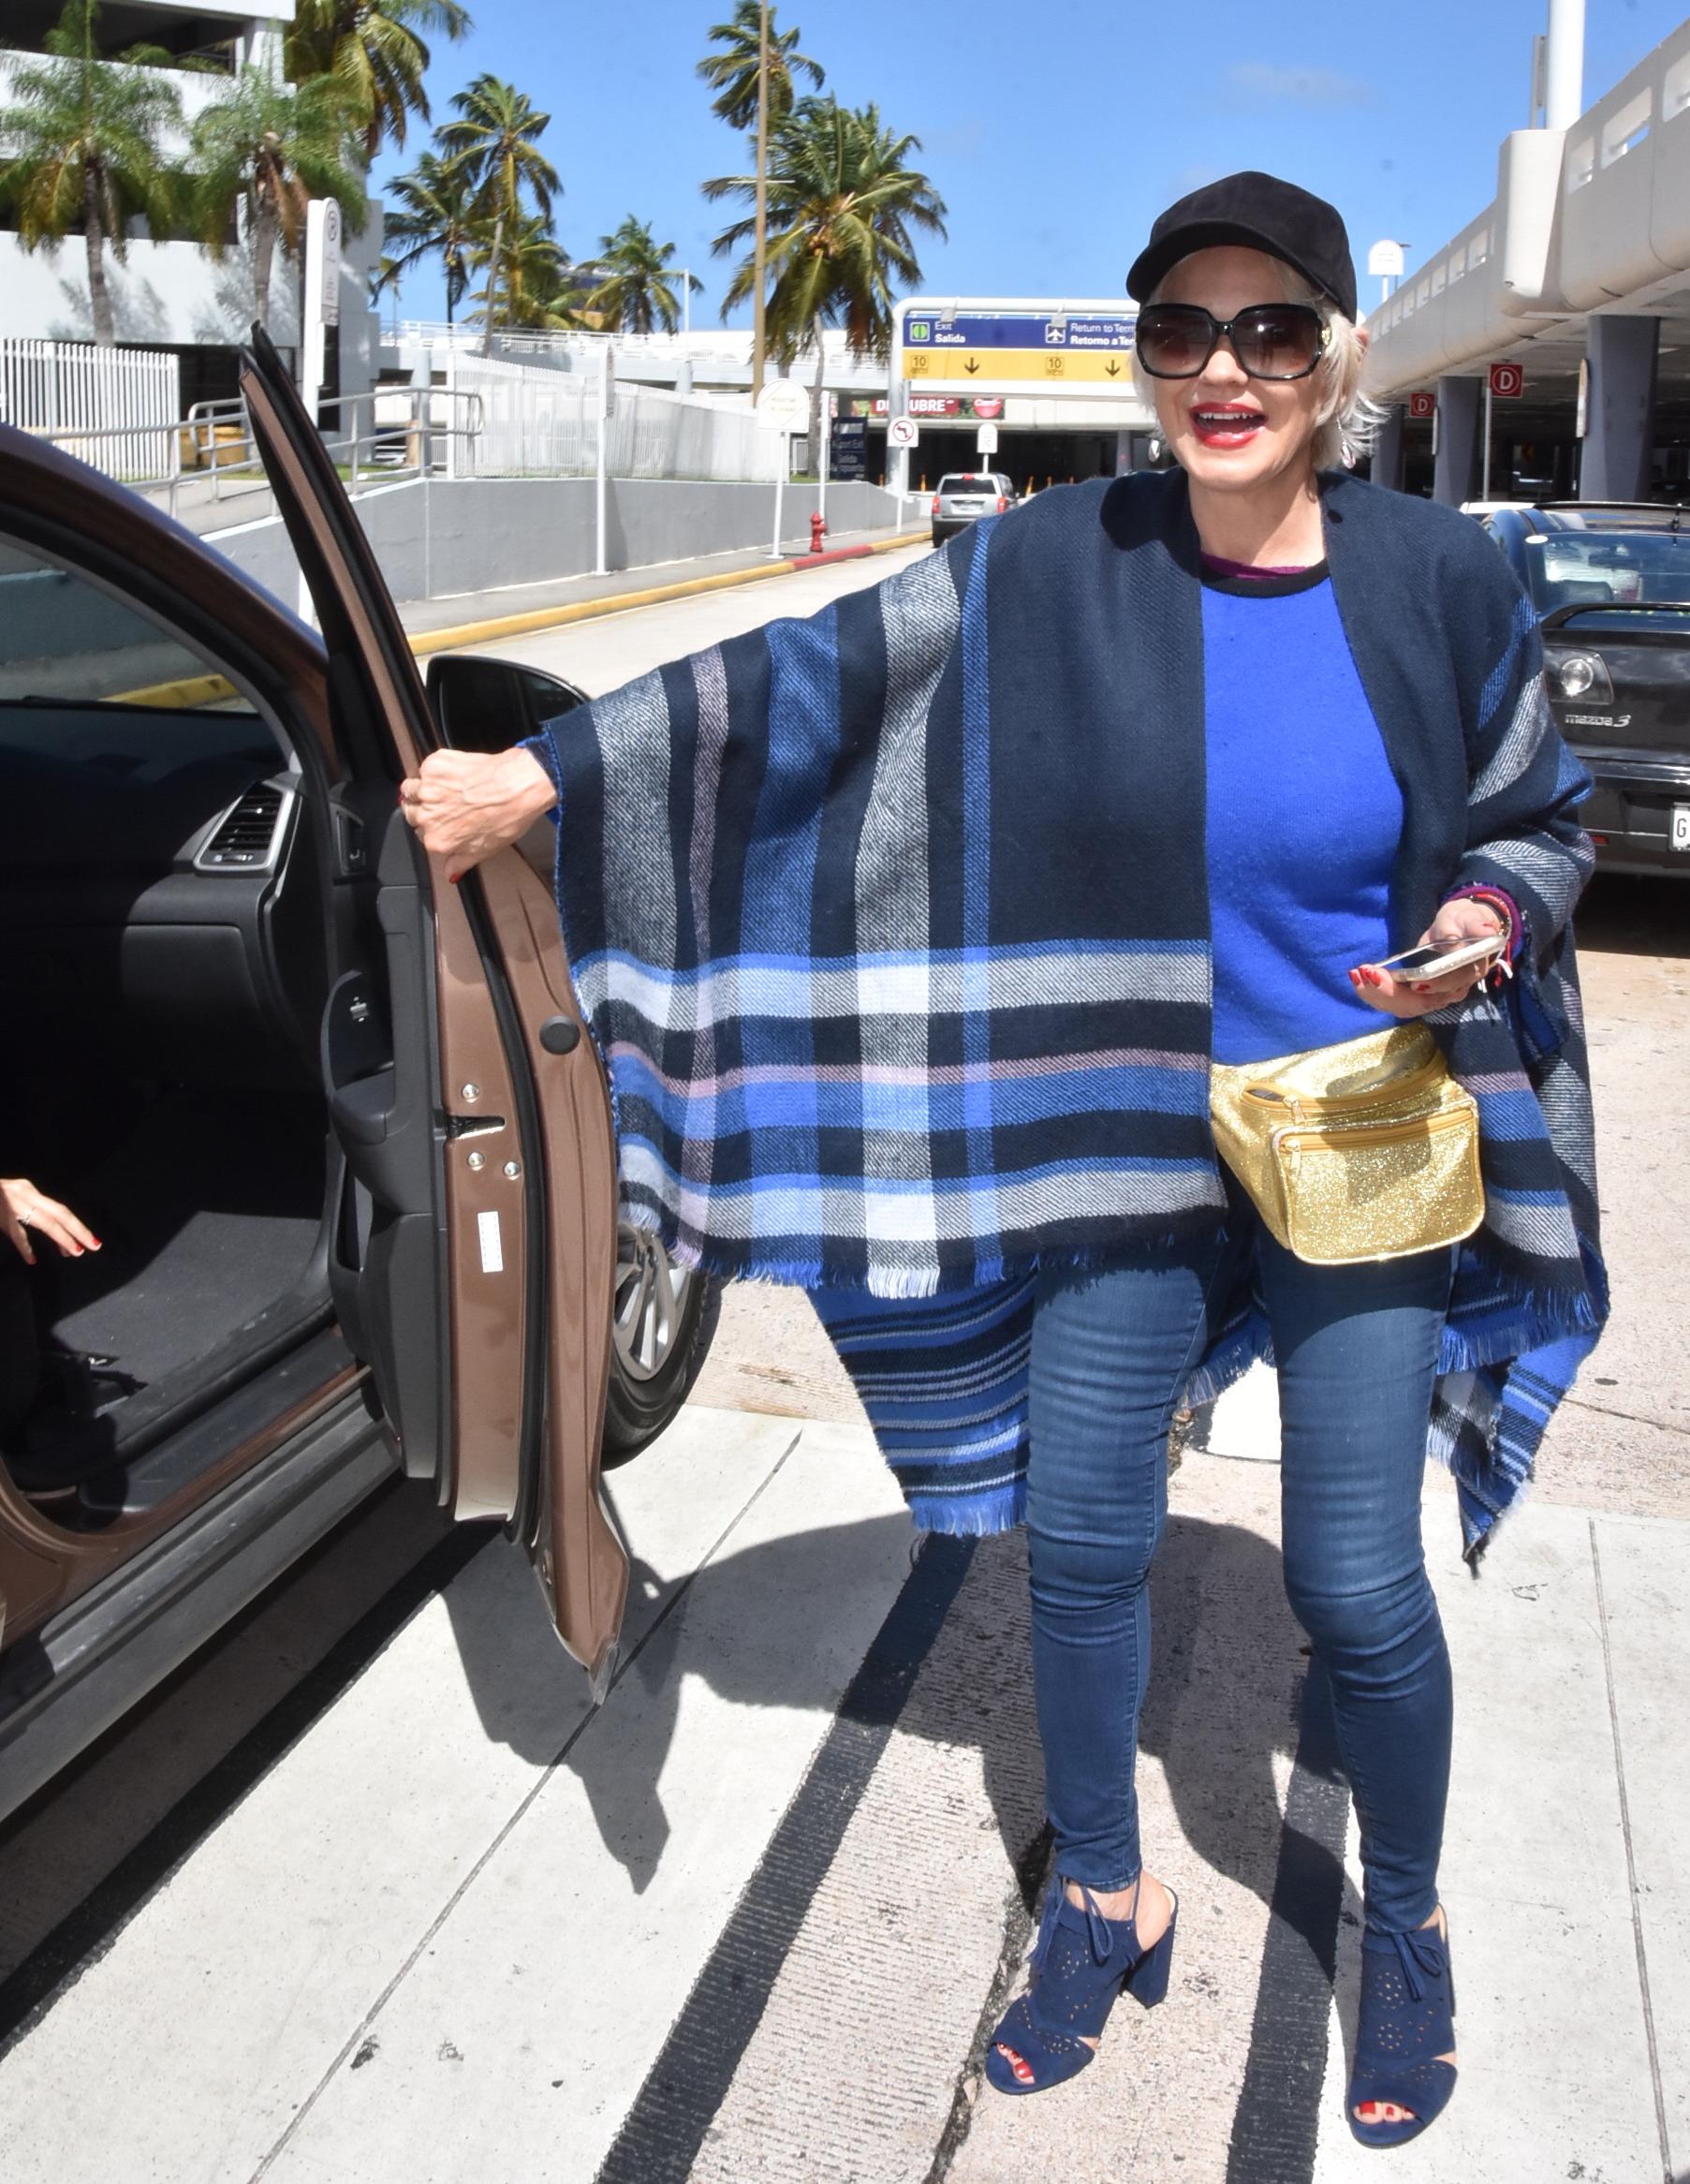 Charytin Goyco Aterriza En San Juan Muy Contenta Vestida De Azul